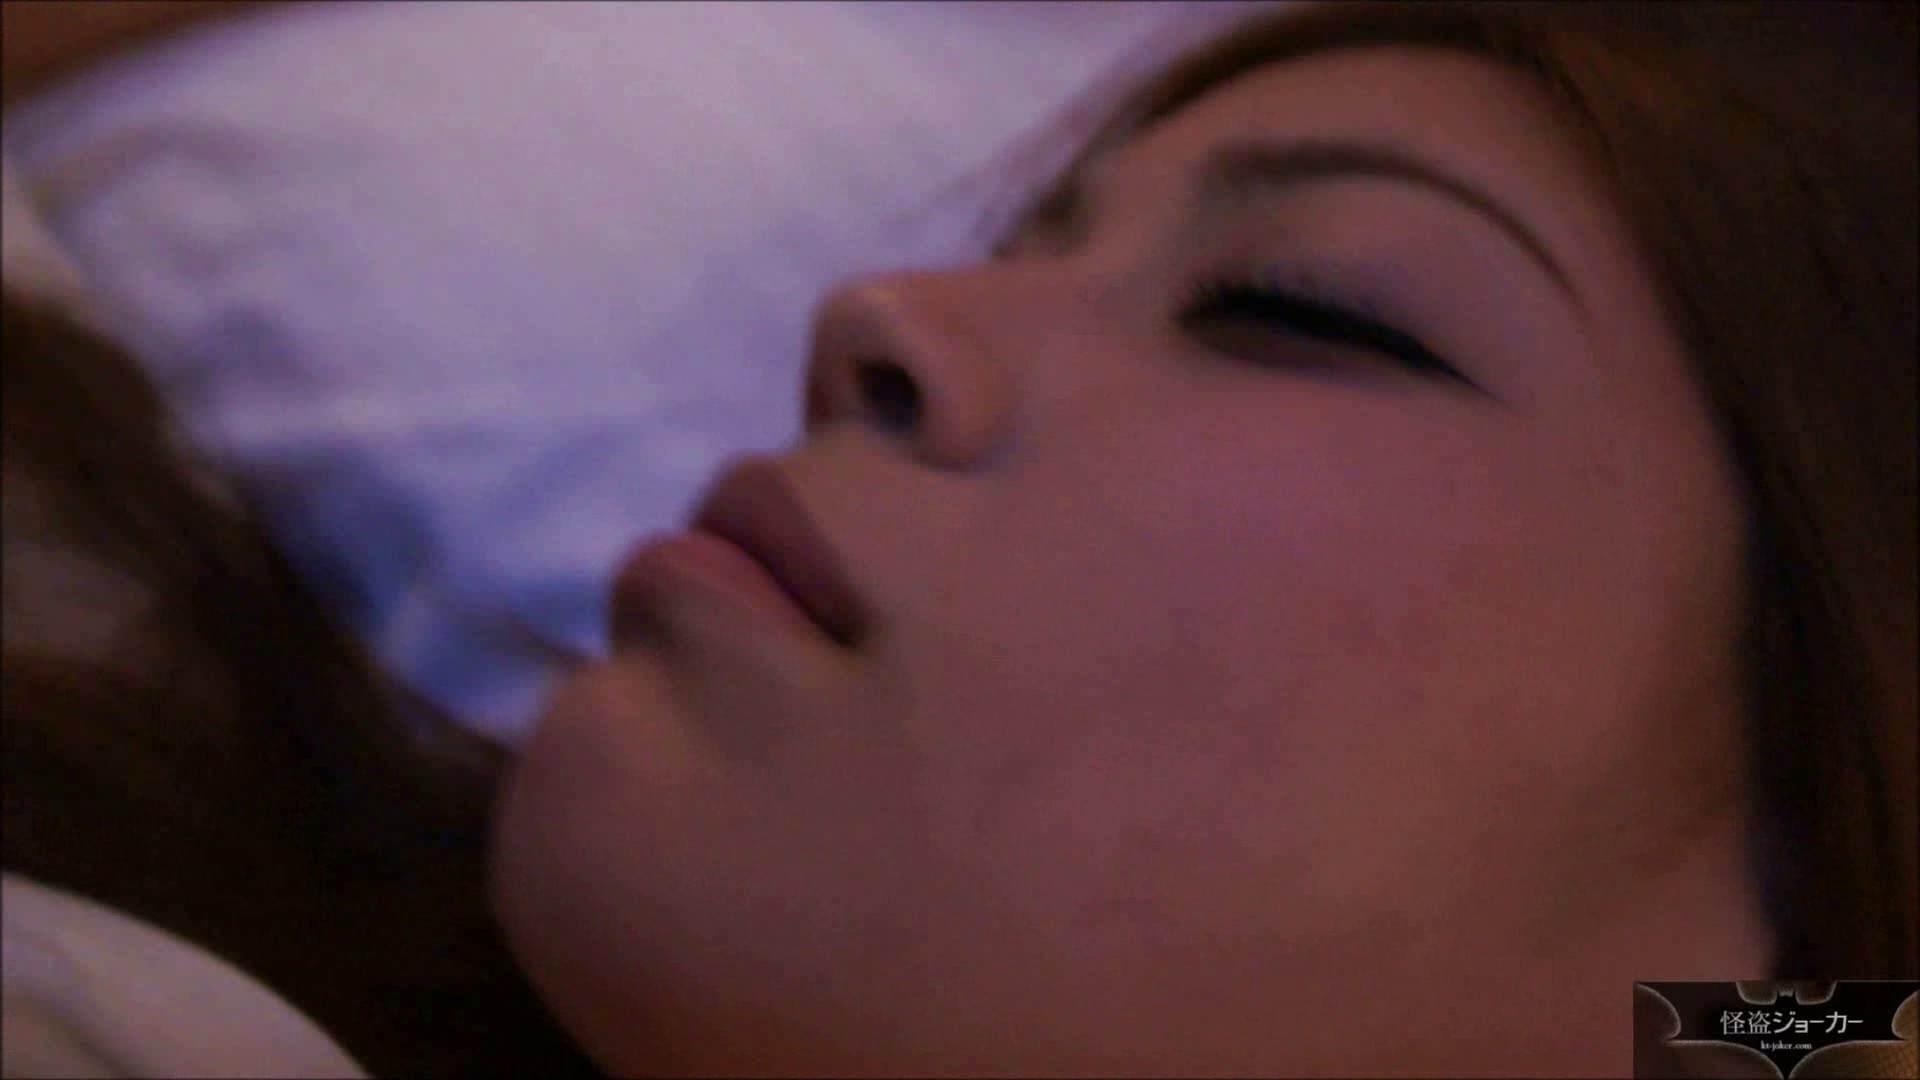 【未公開】vol.8 セレブ美魔女・ユキさんとの密会後・・・ 丸見え | ホテルで絶頂  94画像 65